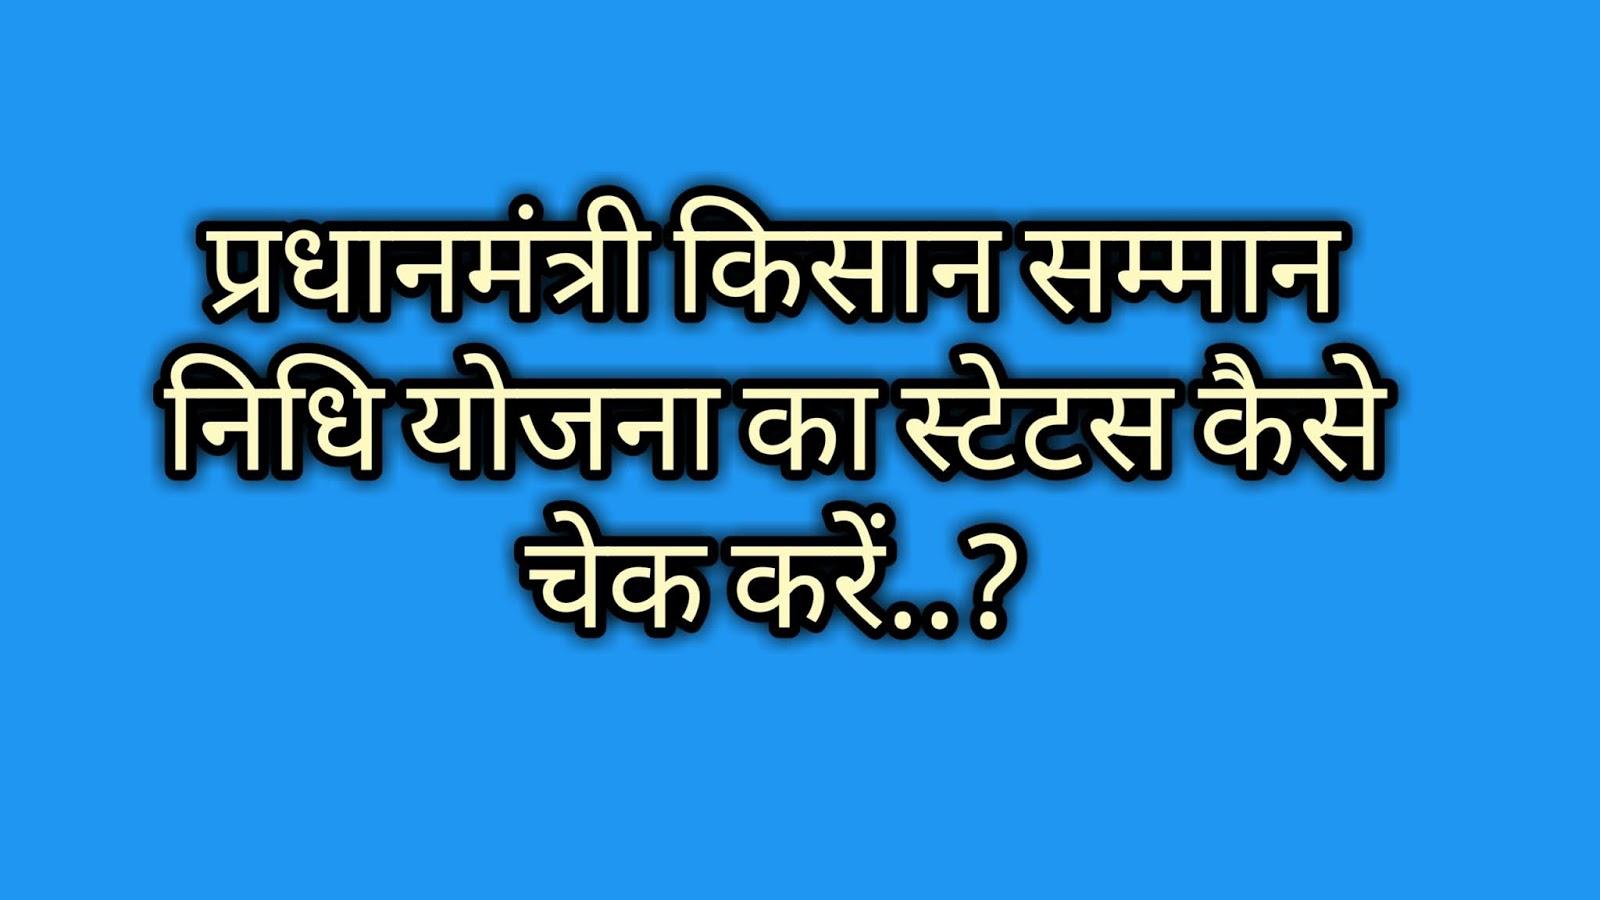 PM krishi samman nidhhi yojna ka status kaise check kare